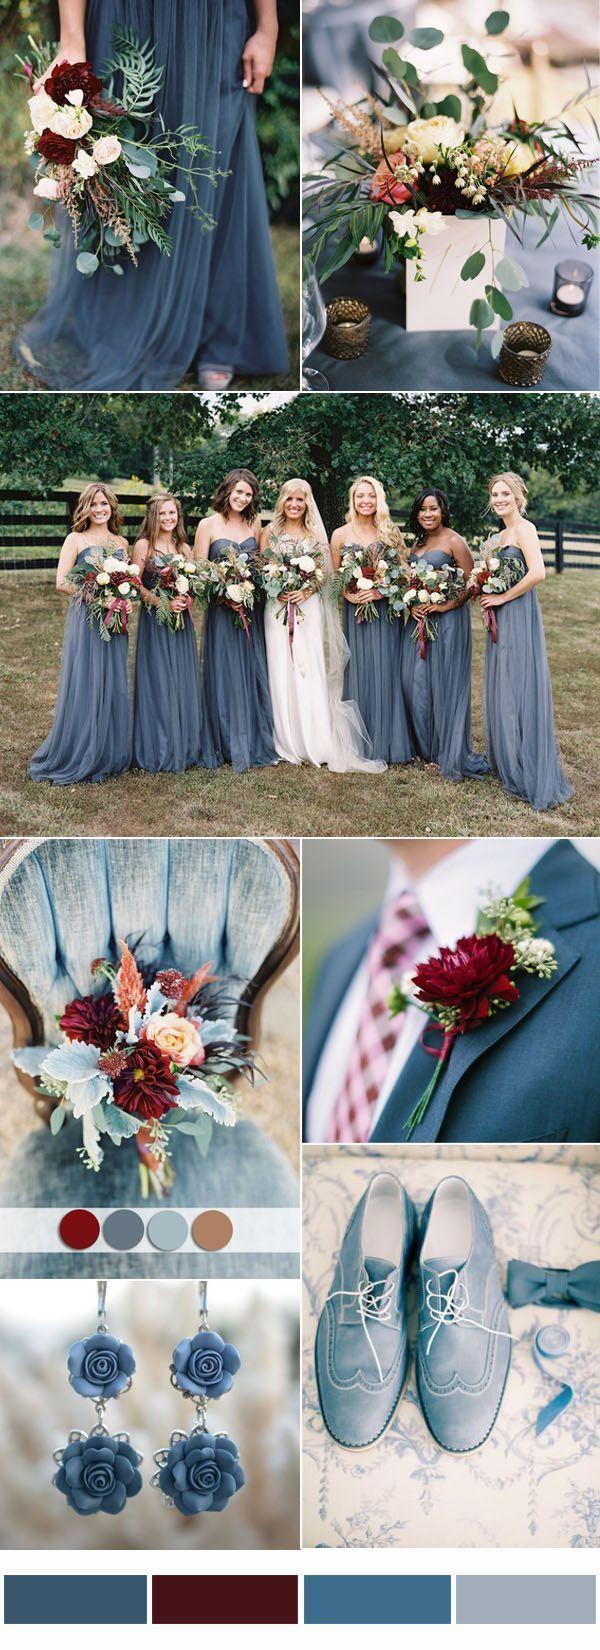 wedding flowers for burgundy dresses 50+ best